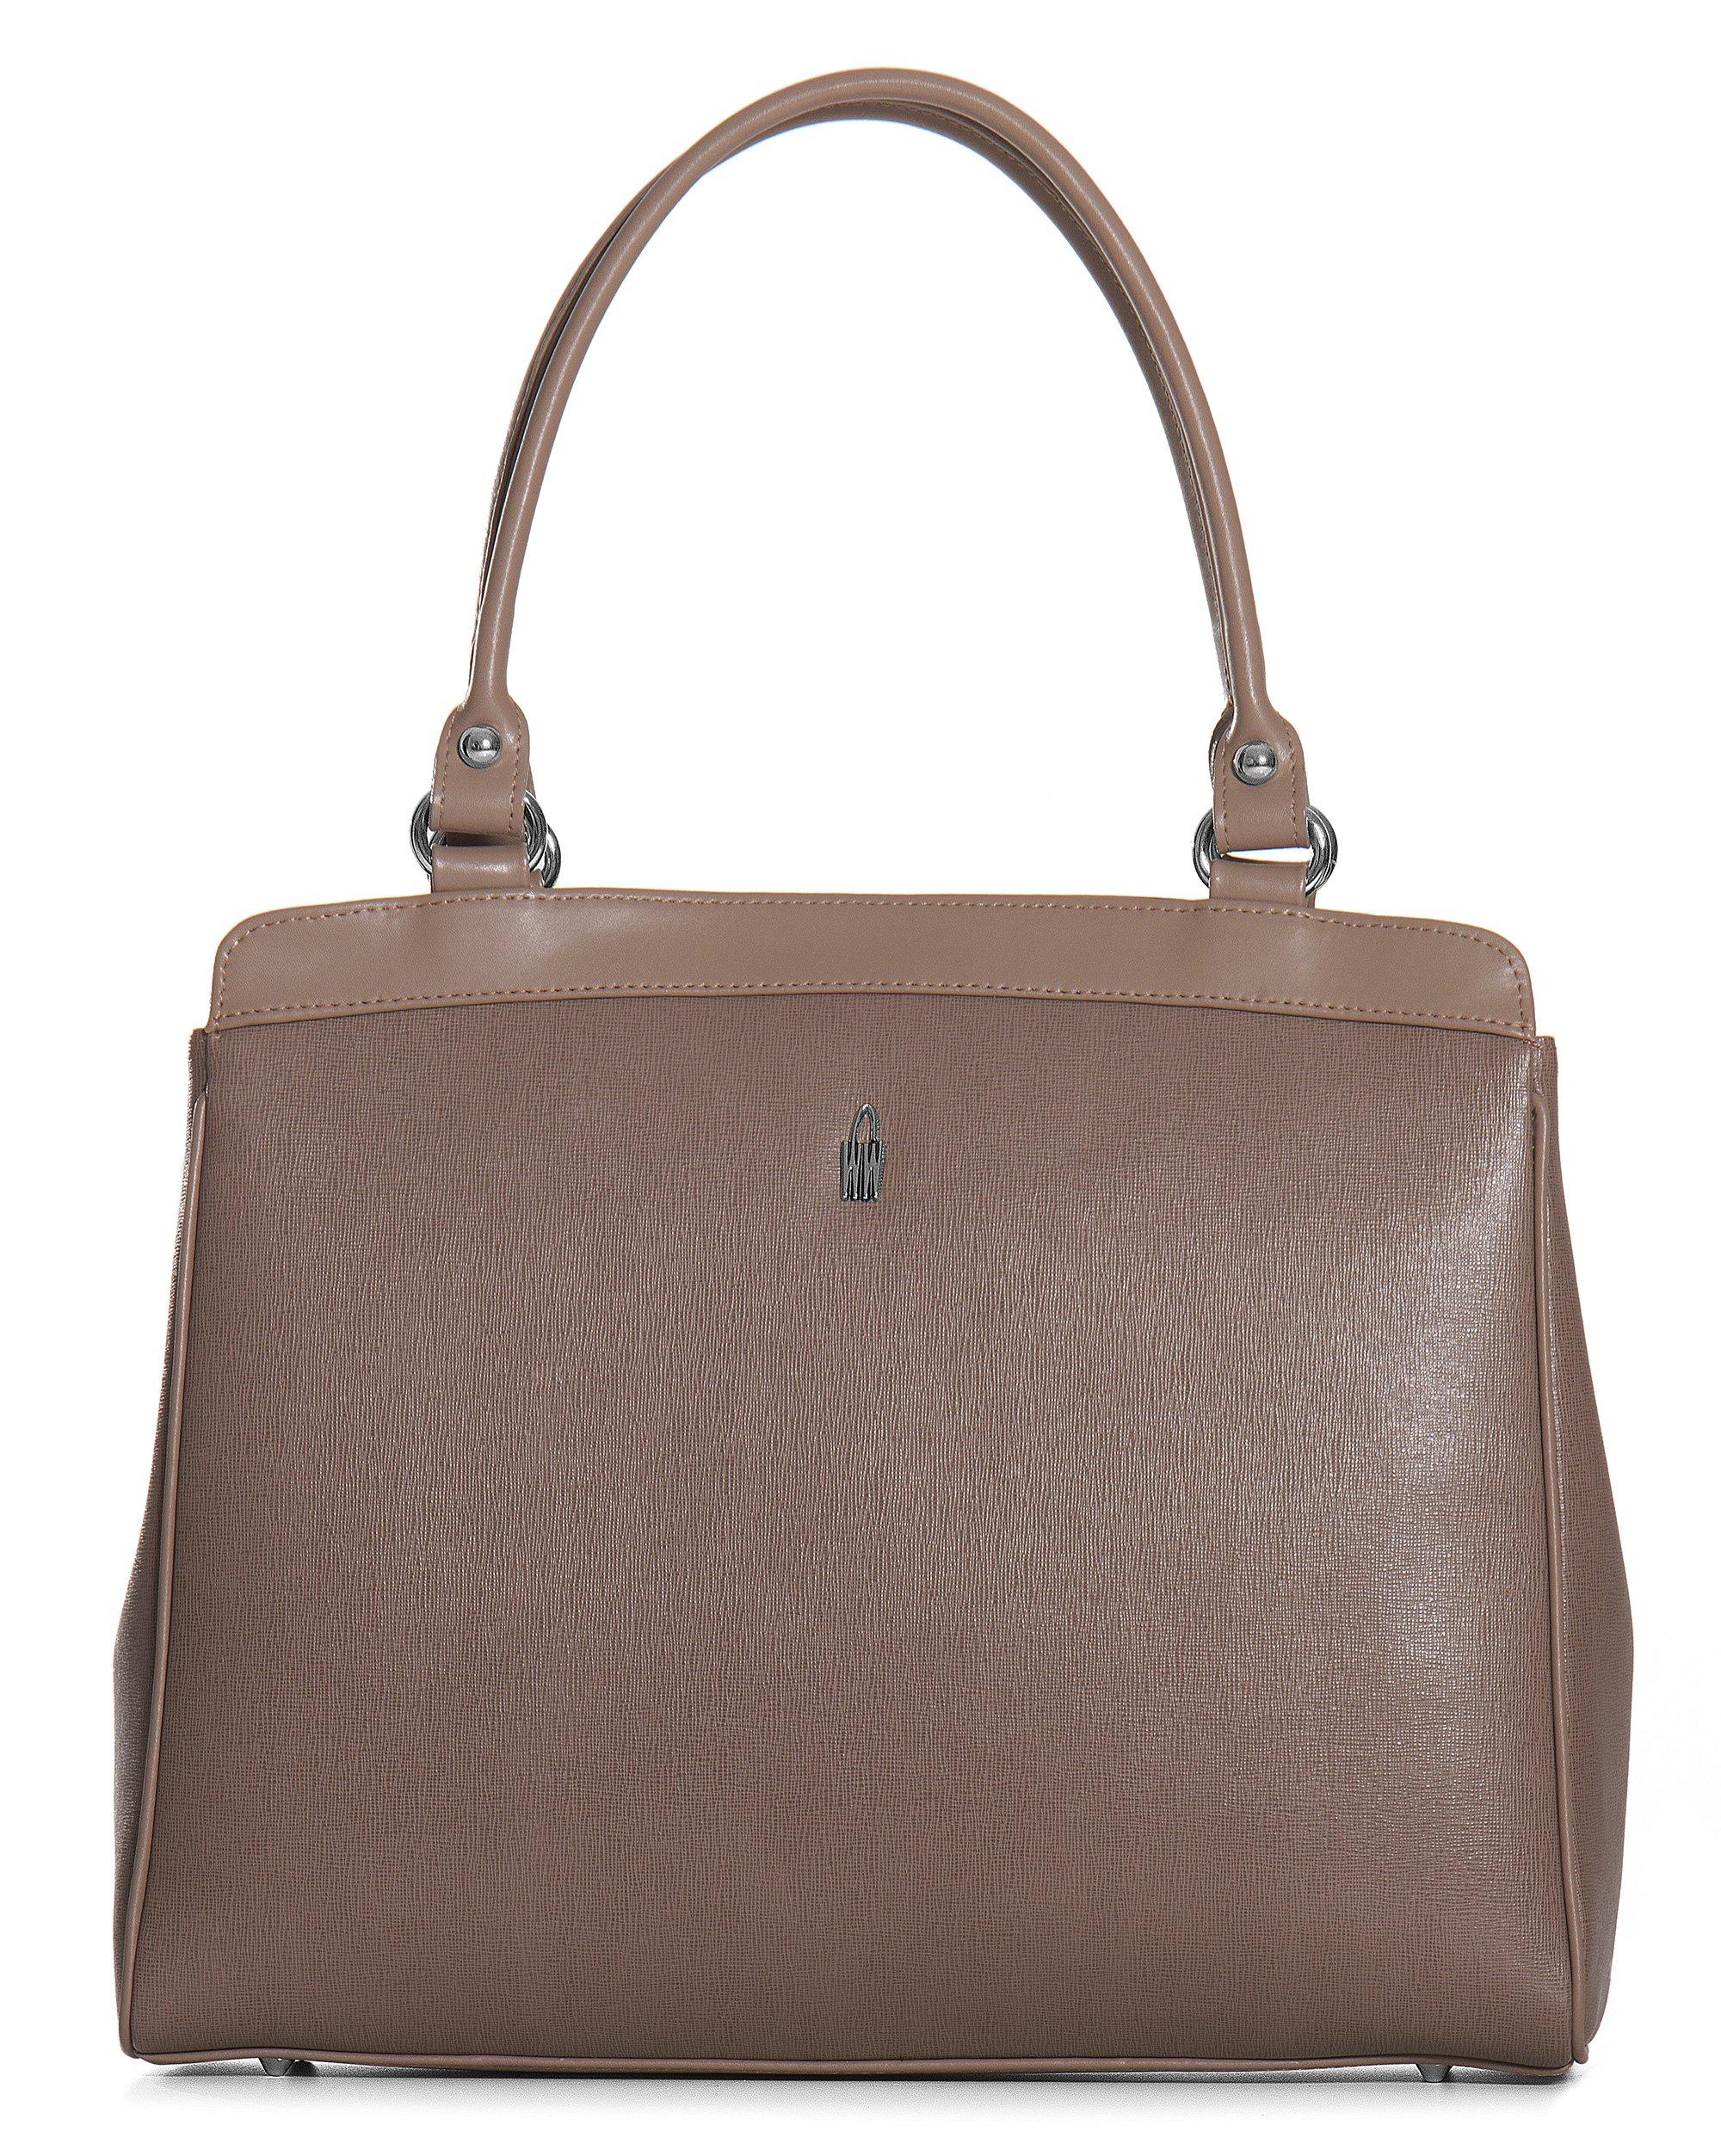 dbb1aec05e Hnedé kožené kabelky do ruky cez rameno Wojewodzic 31209 EA21 LY21 ...